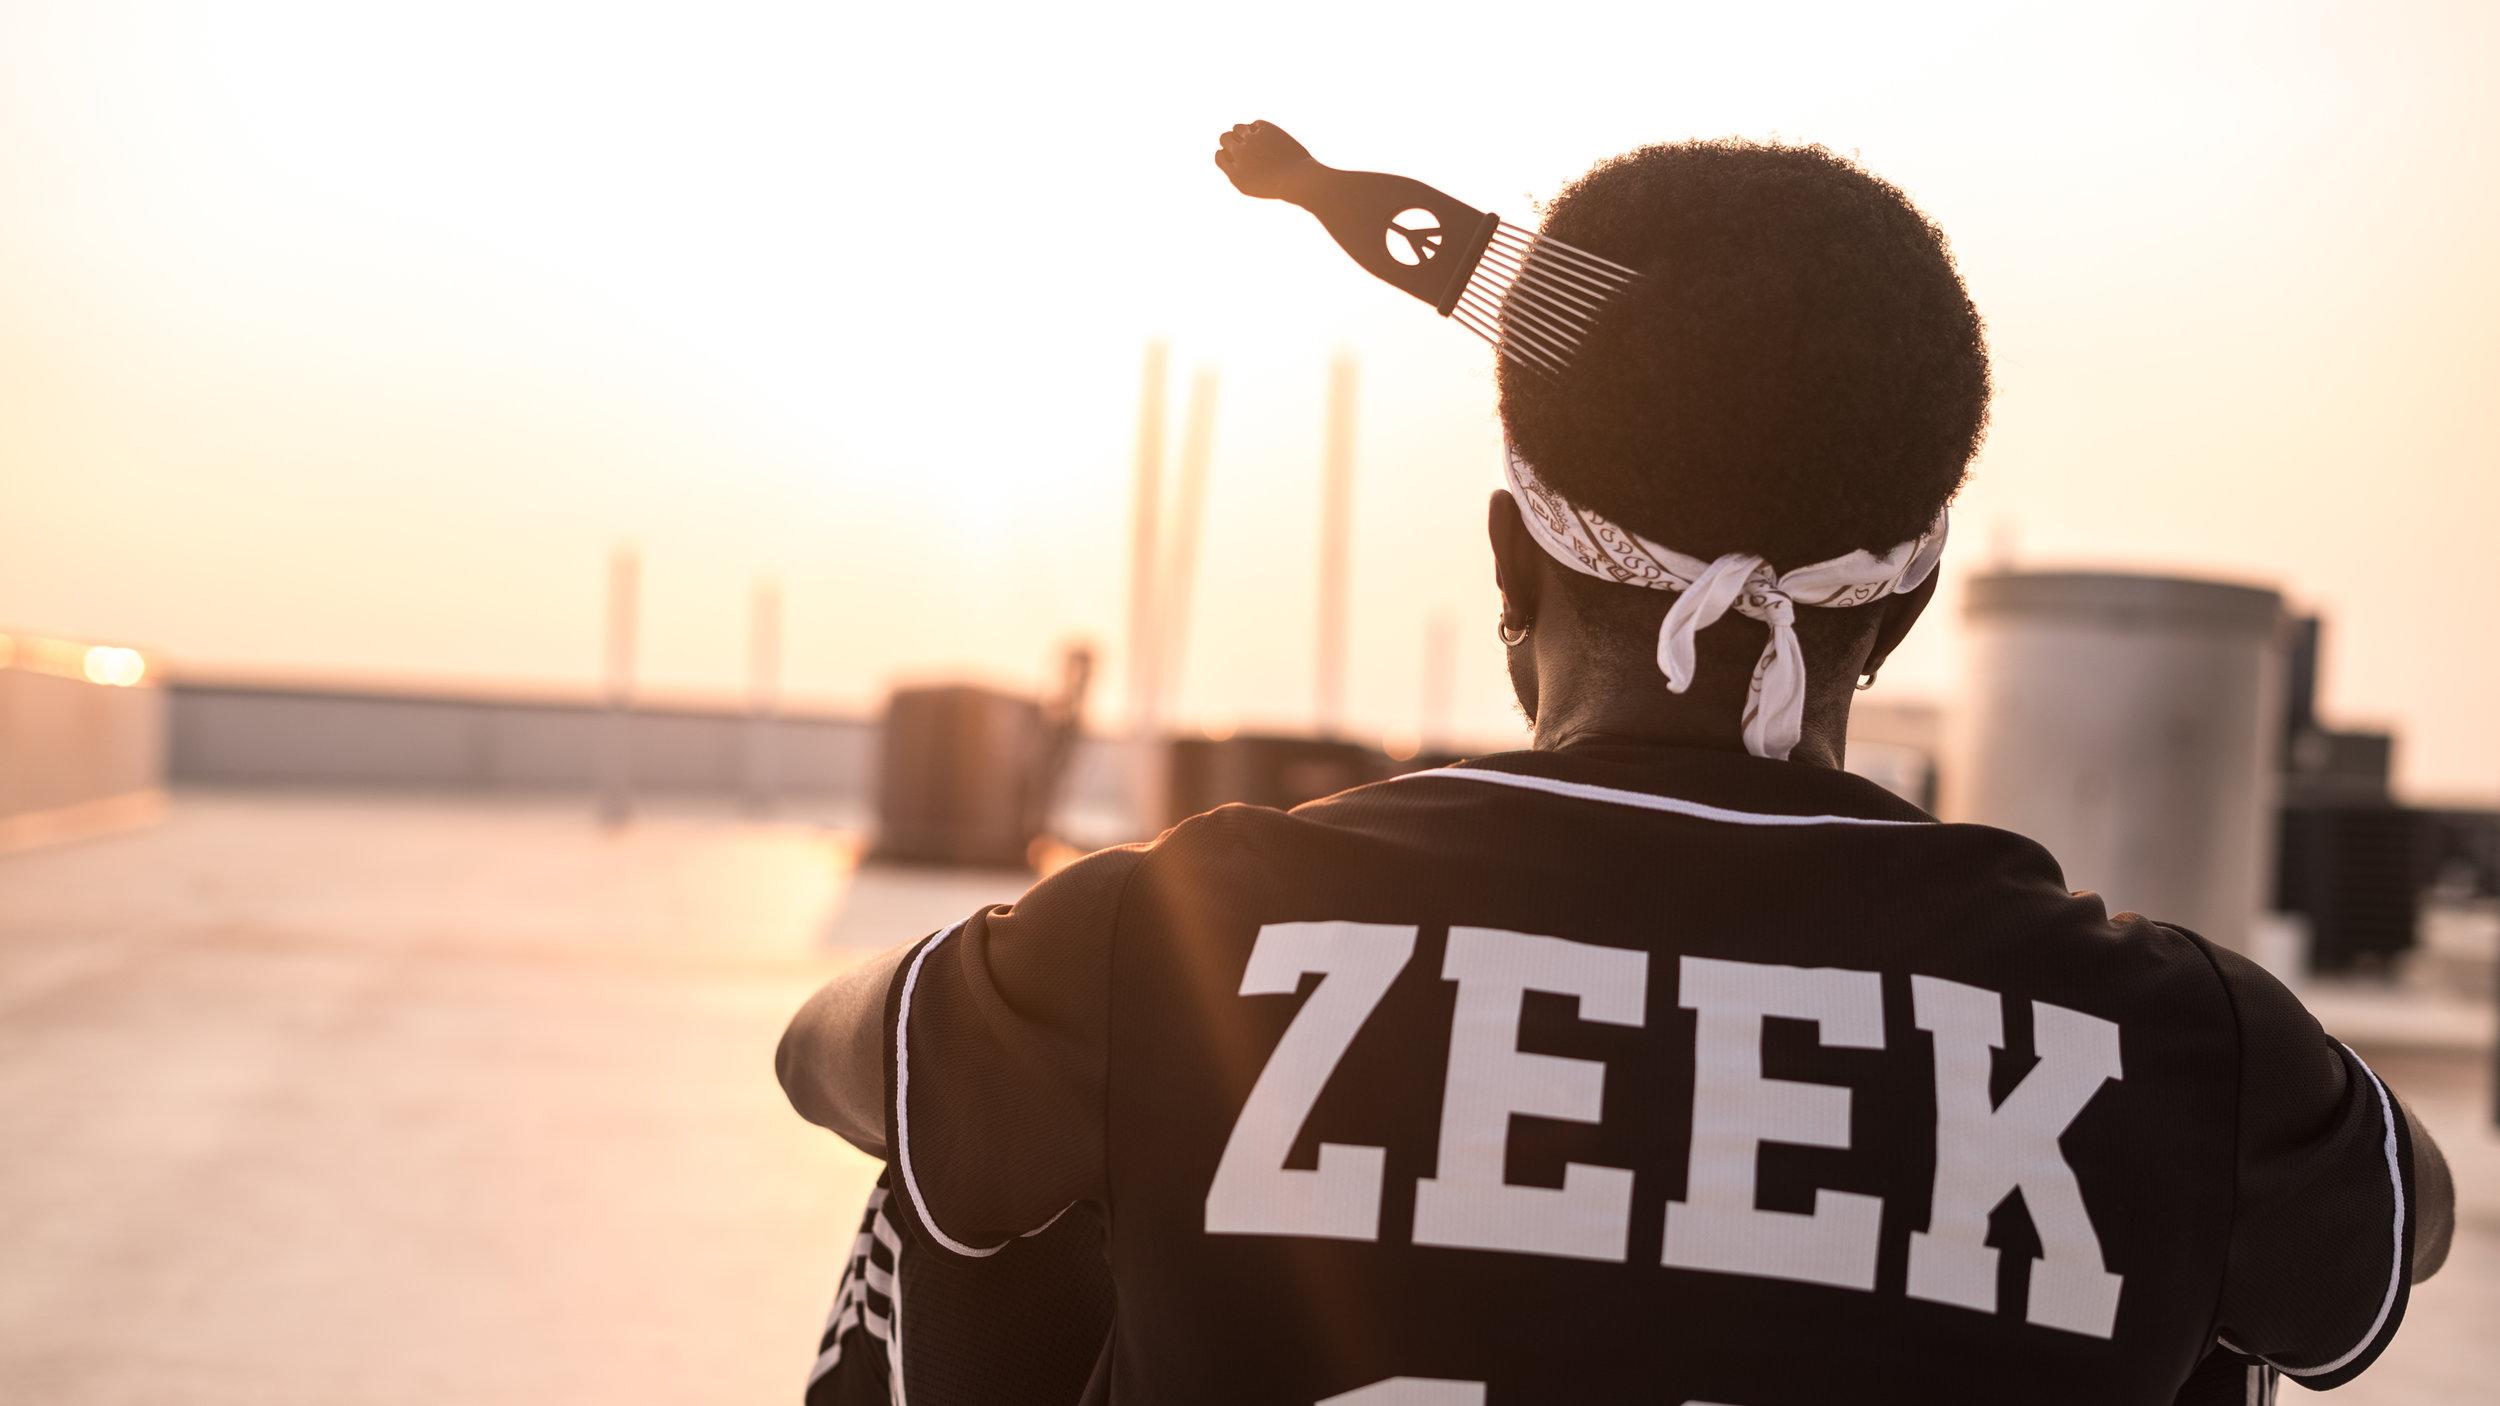 ZeeK_Web_NV_Proofs-042.jpg